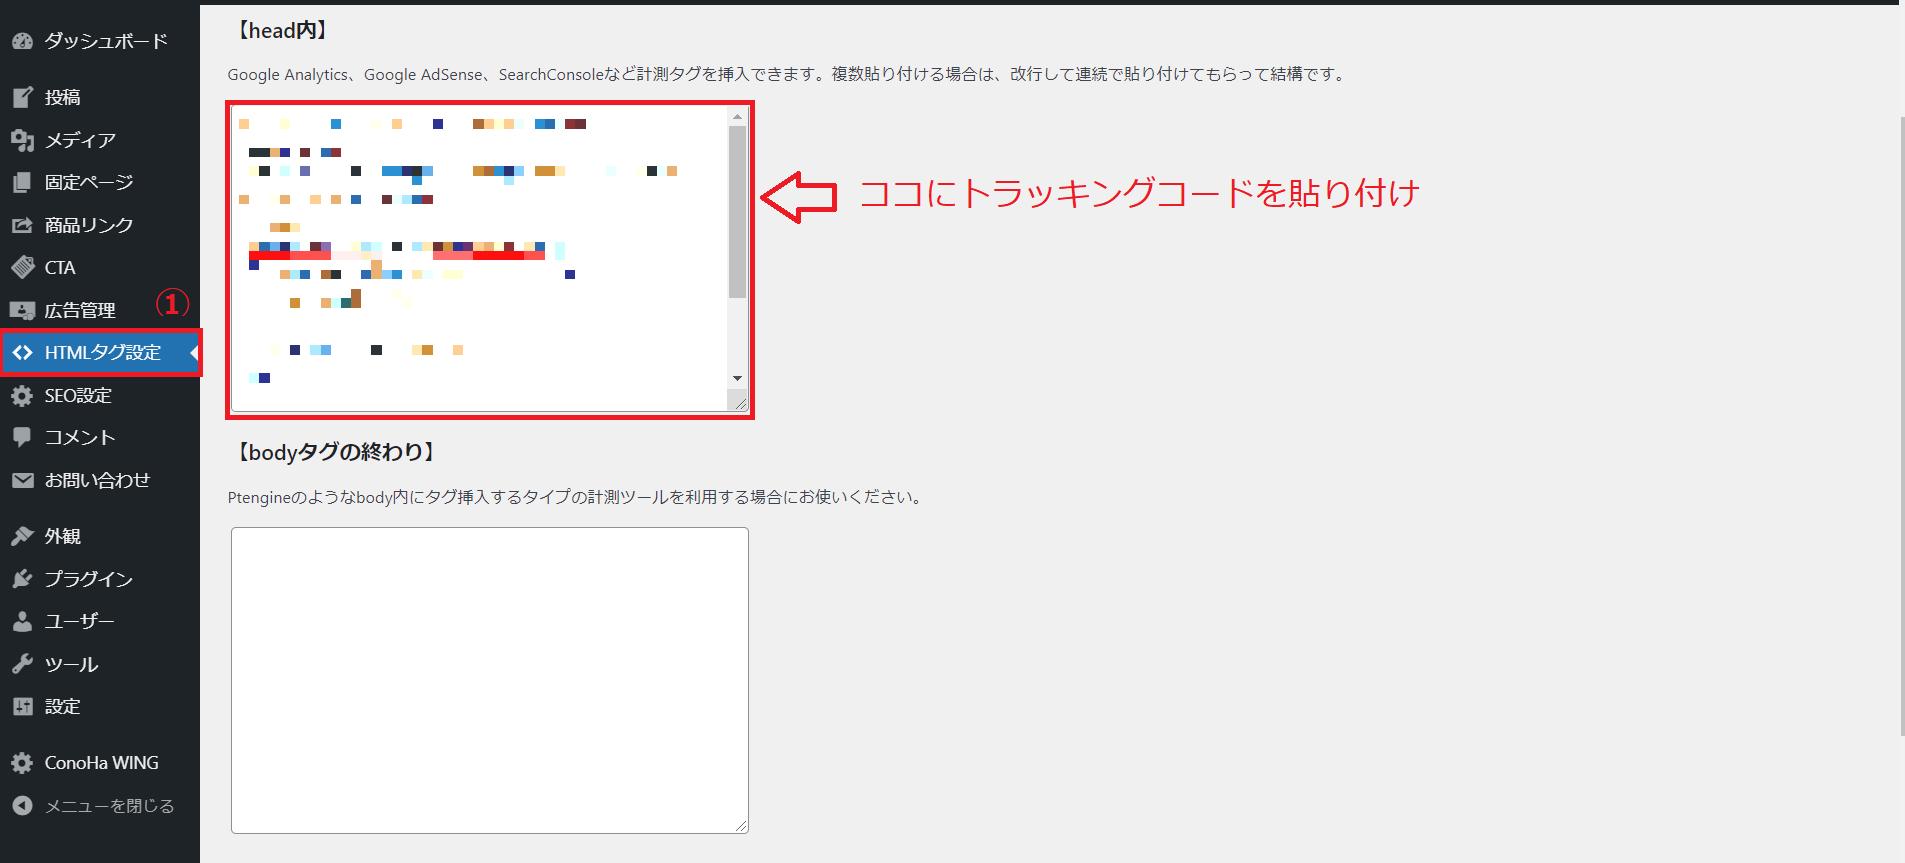 HTMLタグ設定のhead内に貼り付ける